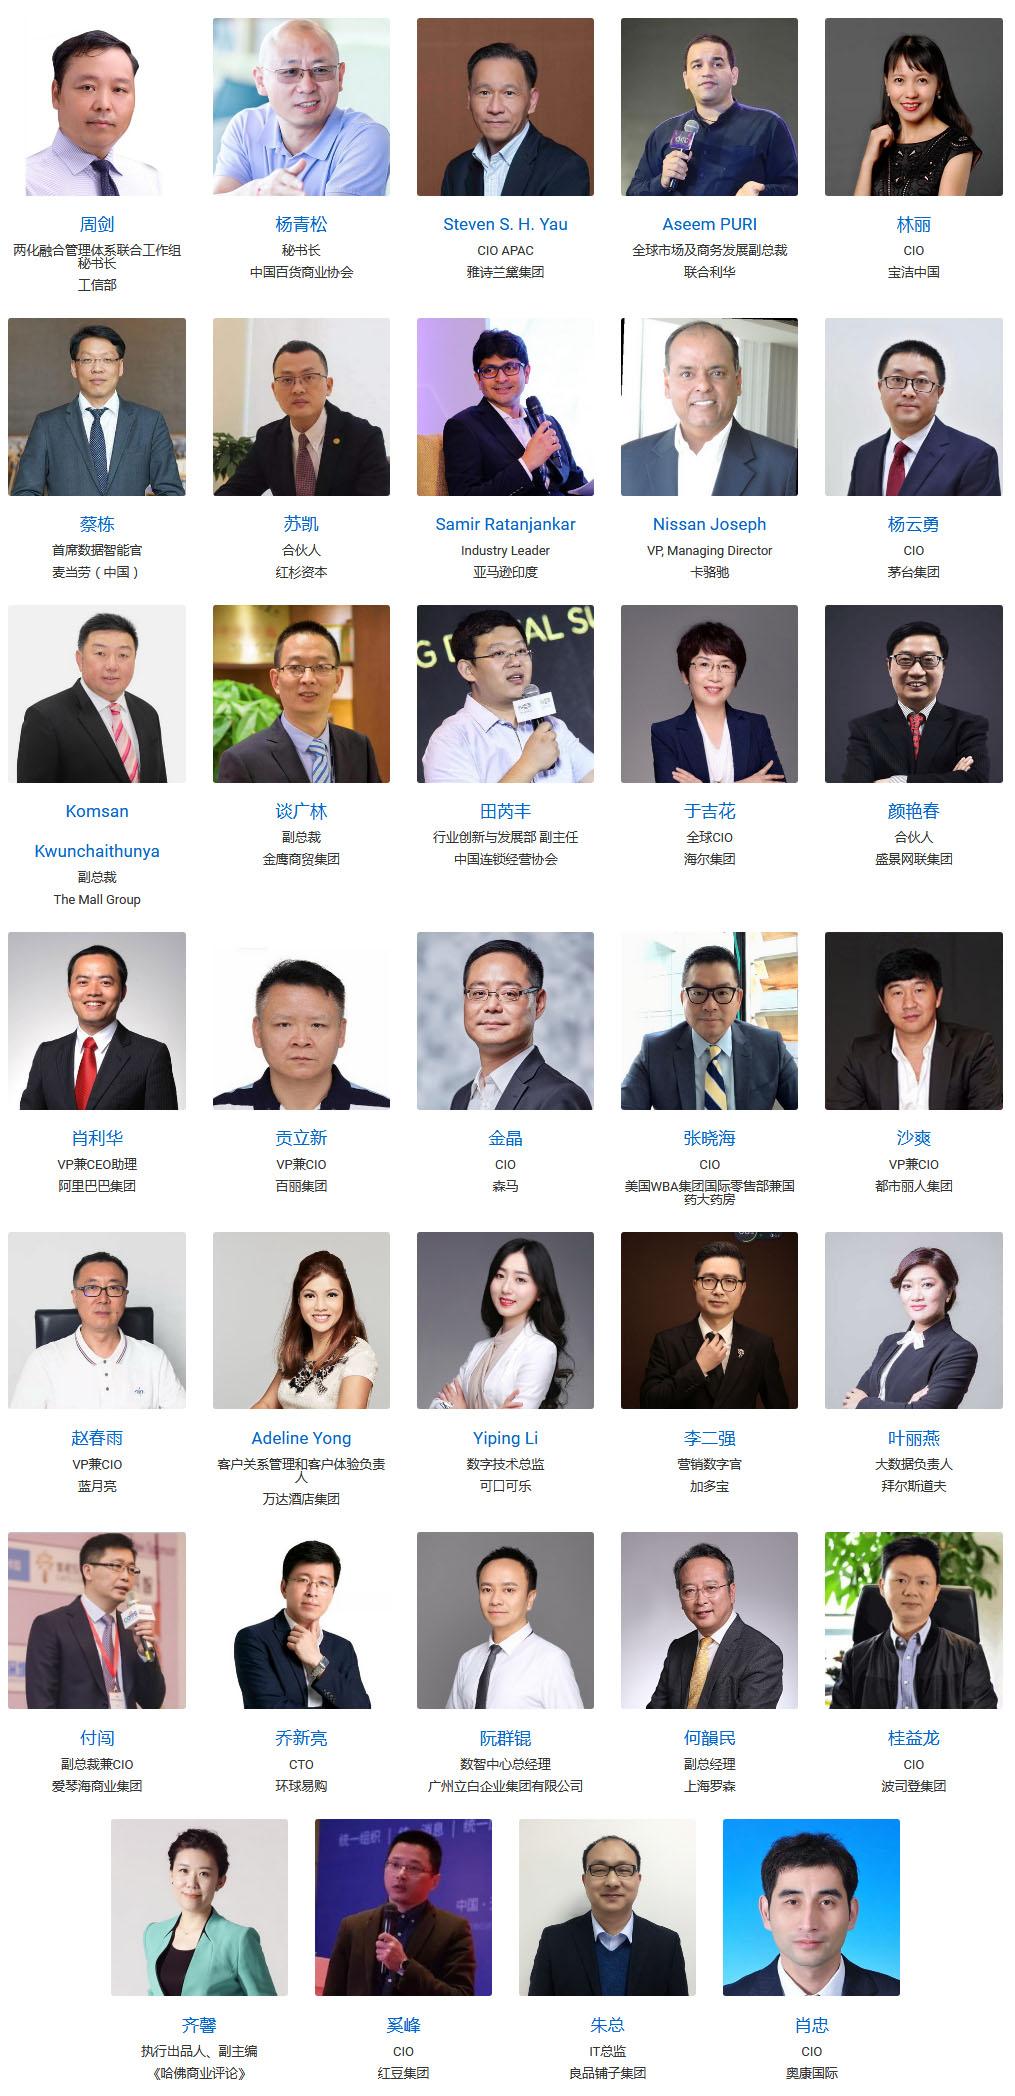 中国零售科技决策者峰会2019暨中国零售行业CIO联盟年会 CORS-RT2019(上海)